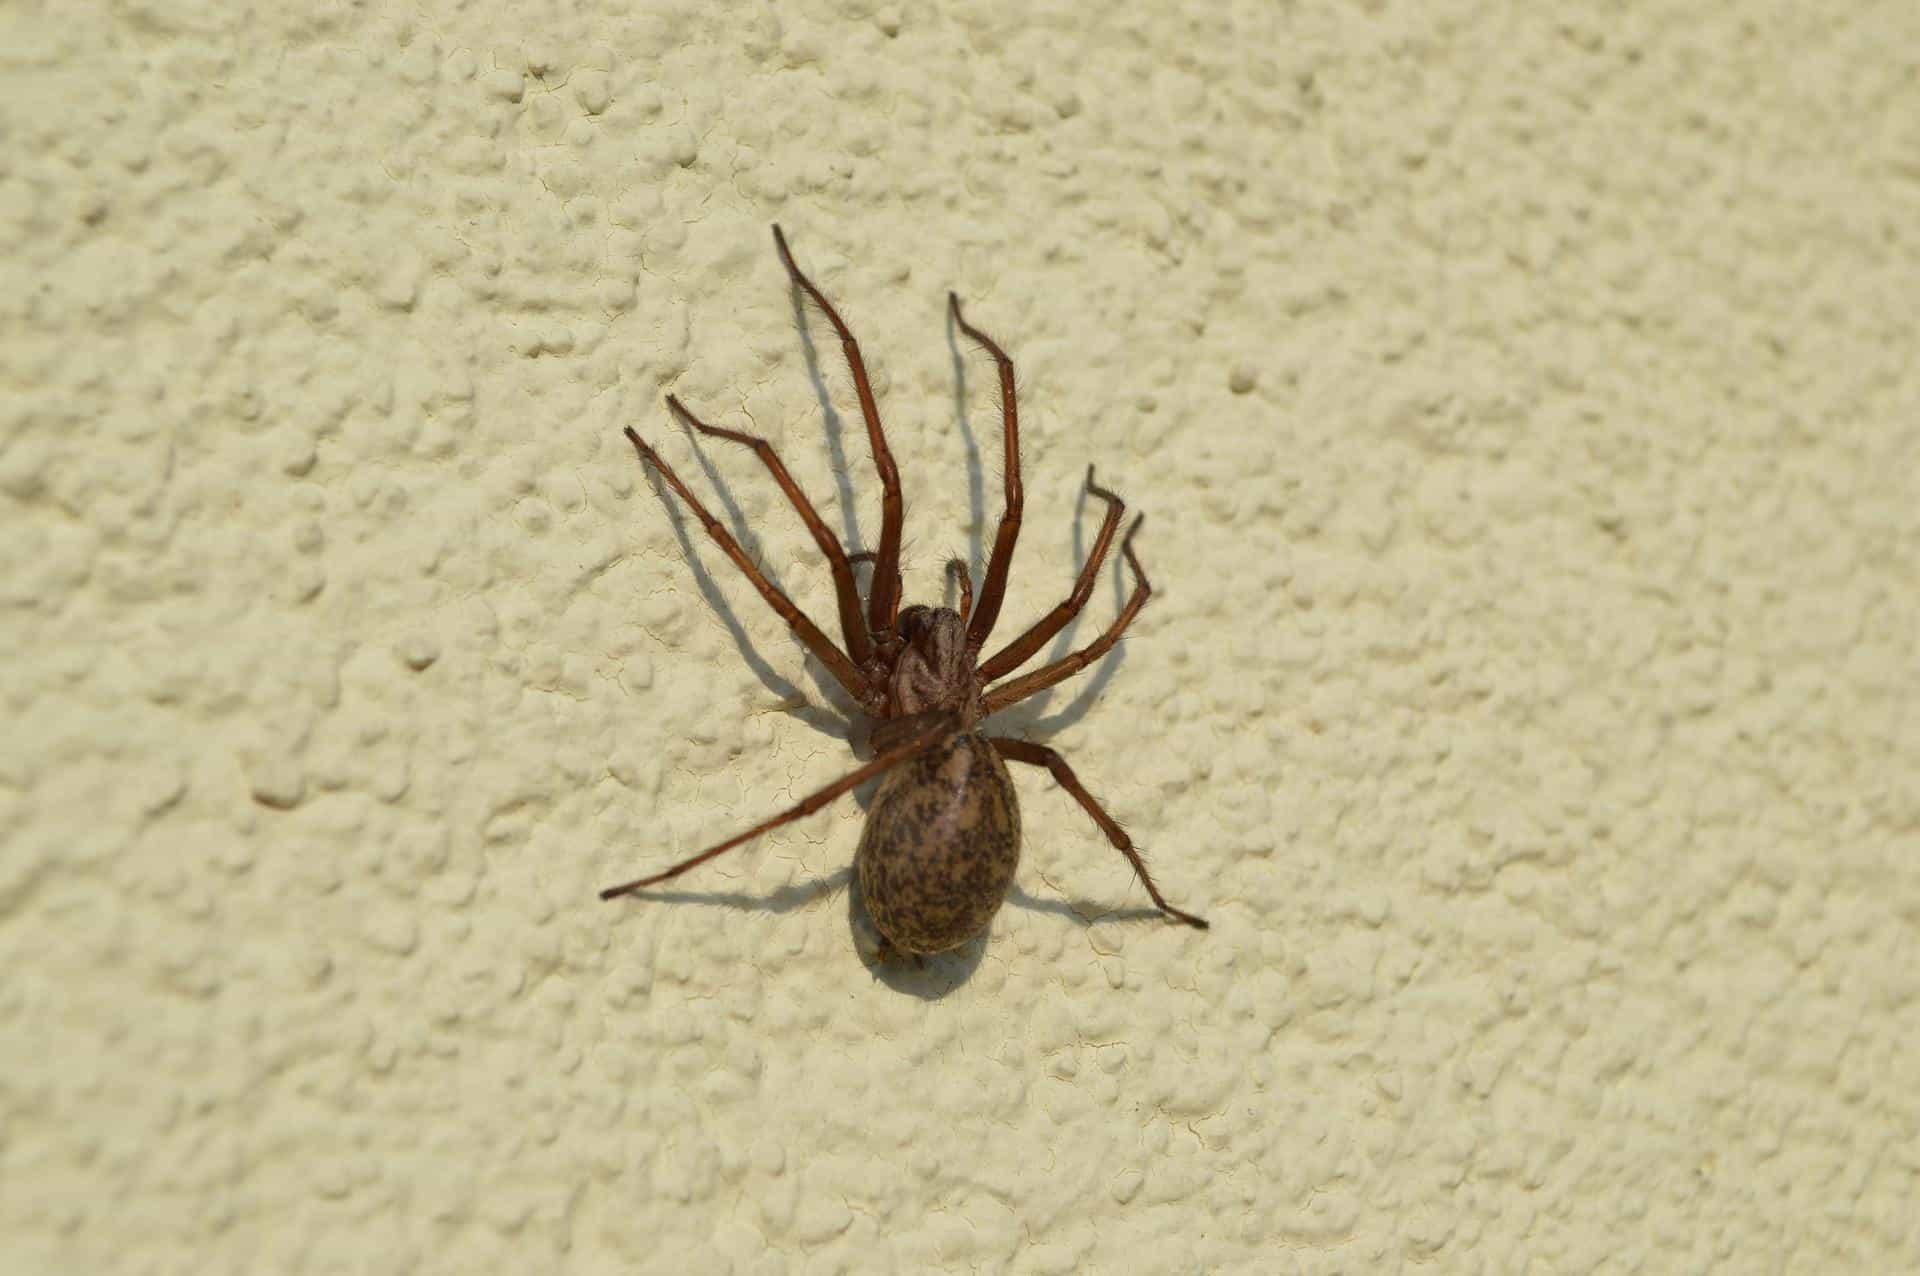 répulsifs anti-araignées naturels